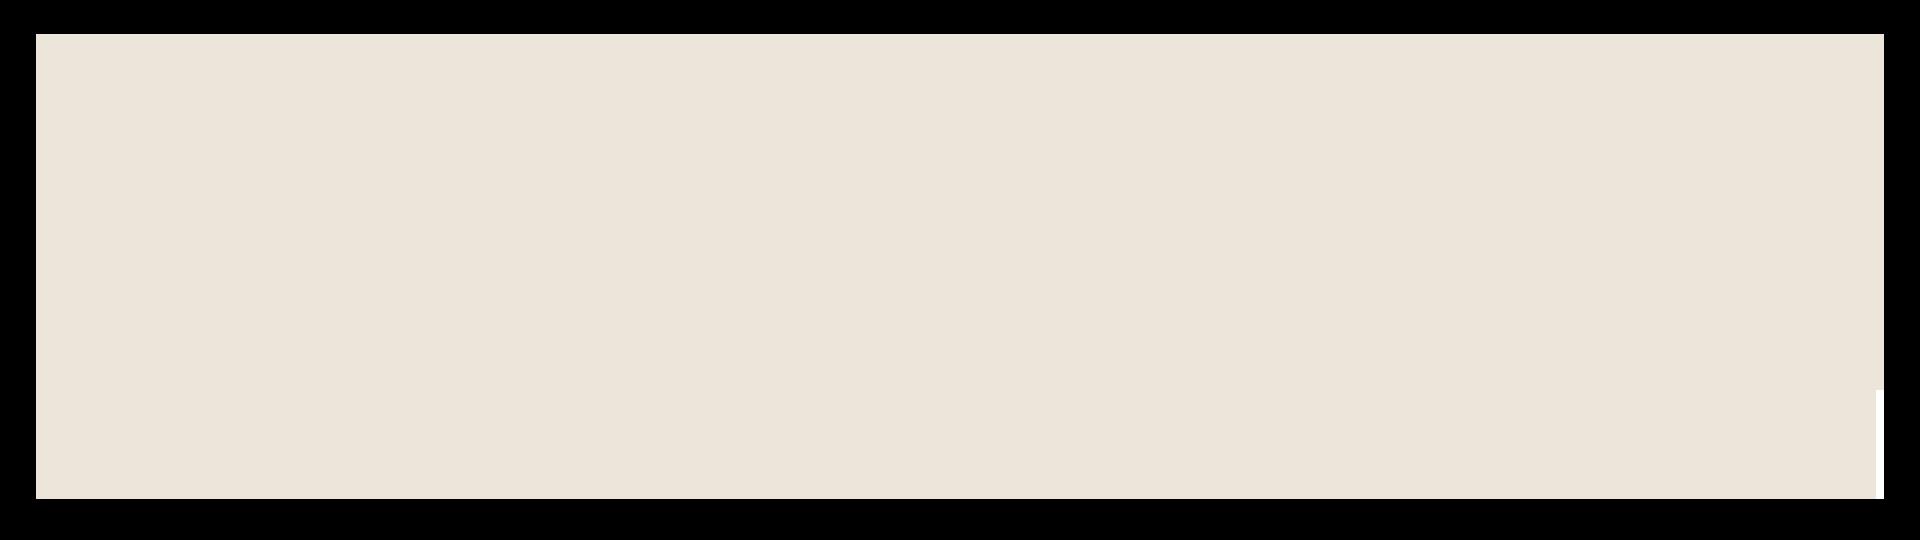 ReBran